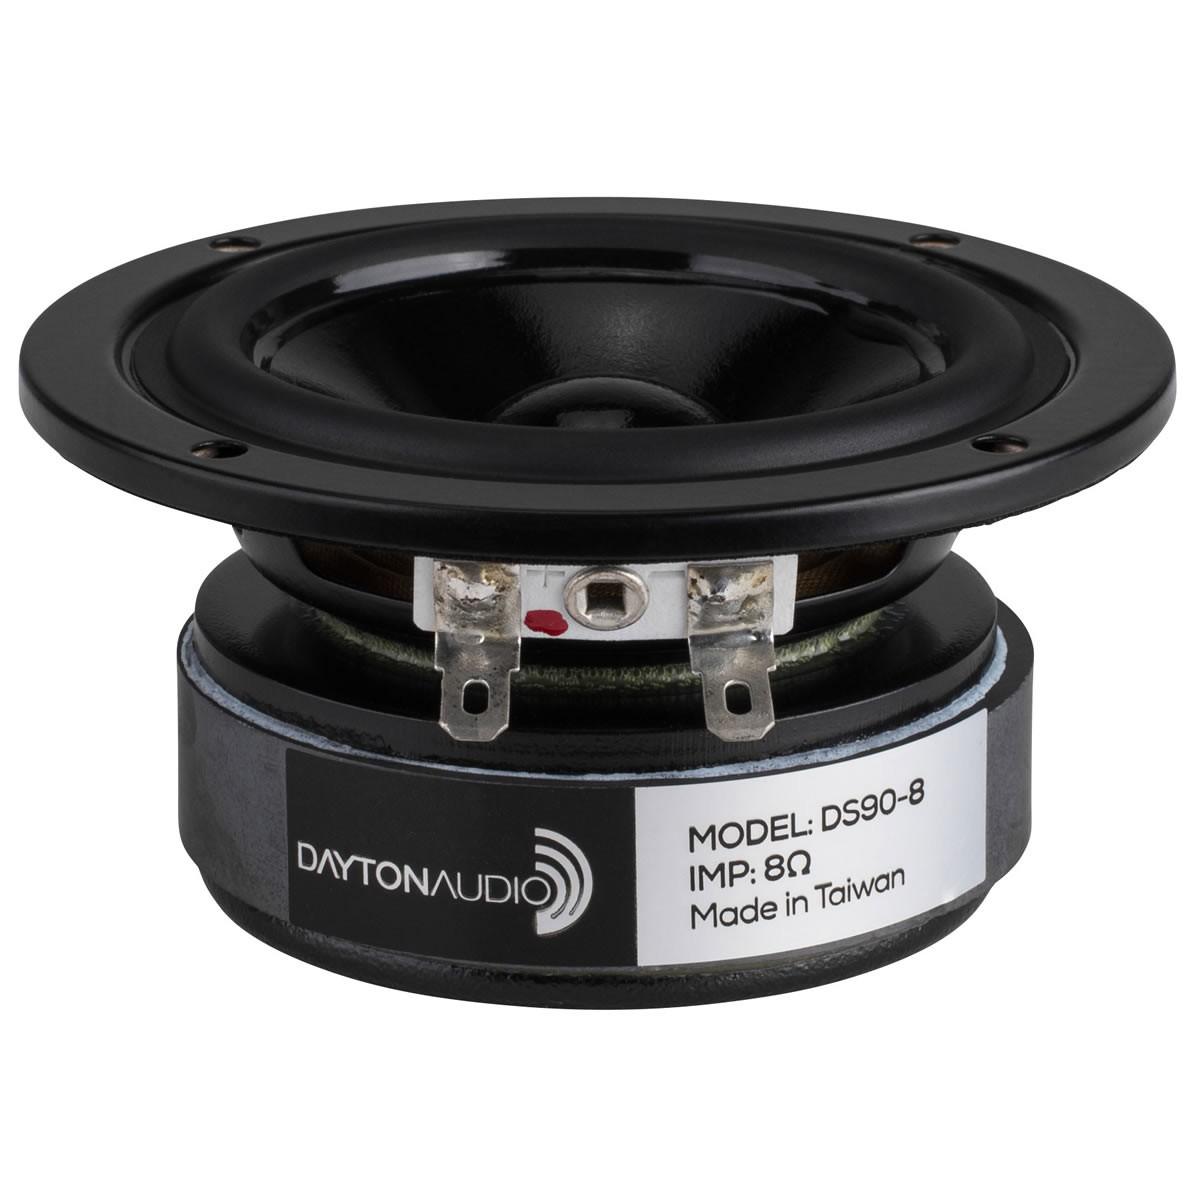 DAYTON AUDIO DS90-8 Design Series Speaker Driver Full Range 20W 8 Ohm 84dB 80Hz - 13kHz Ø8cm